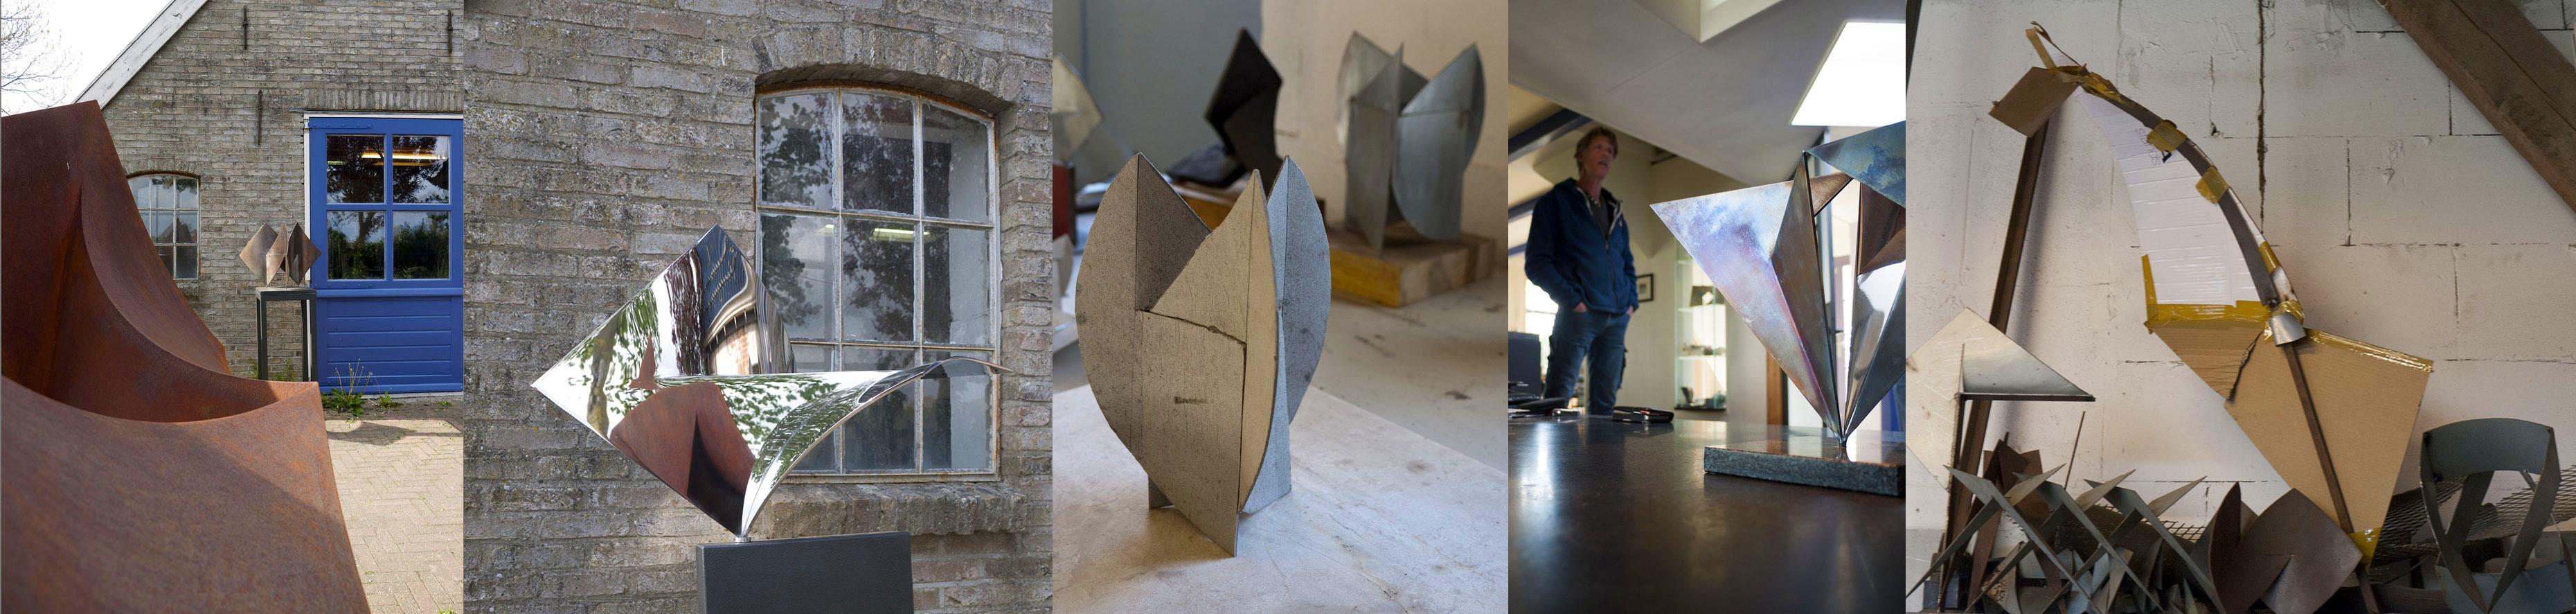 Het atelier van Marco Goldenbeld